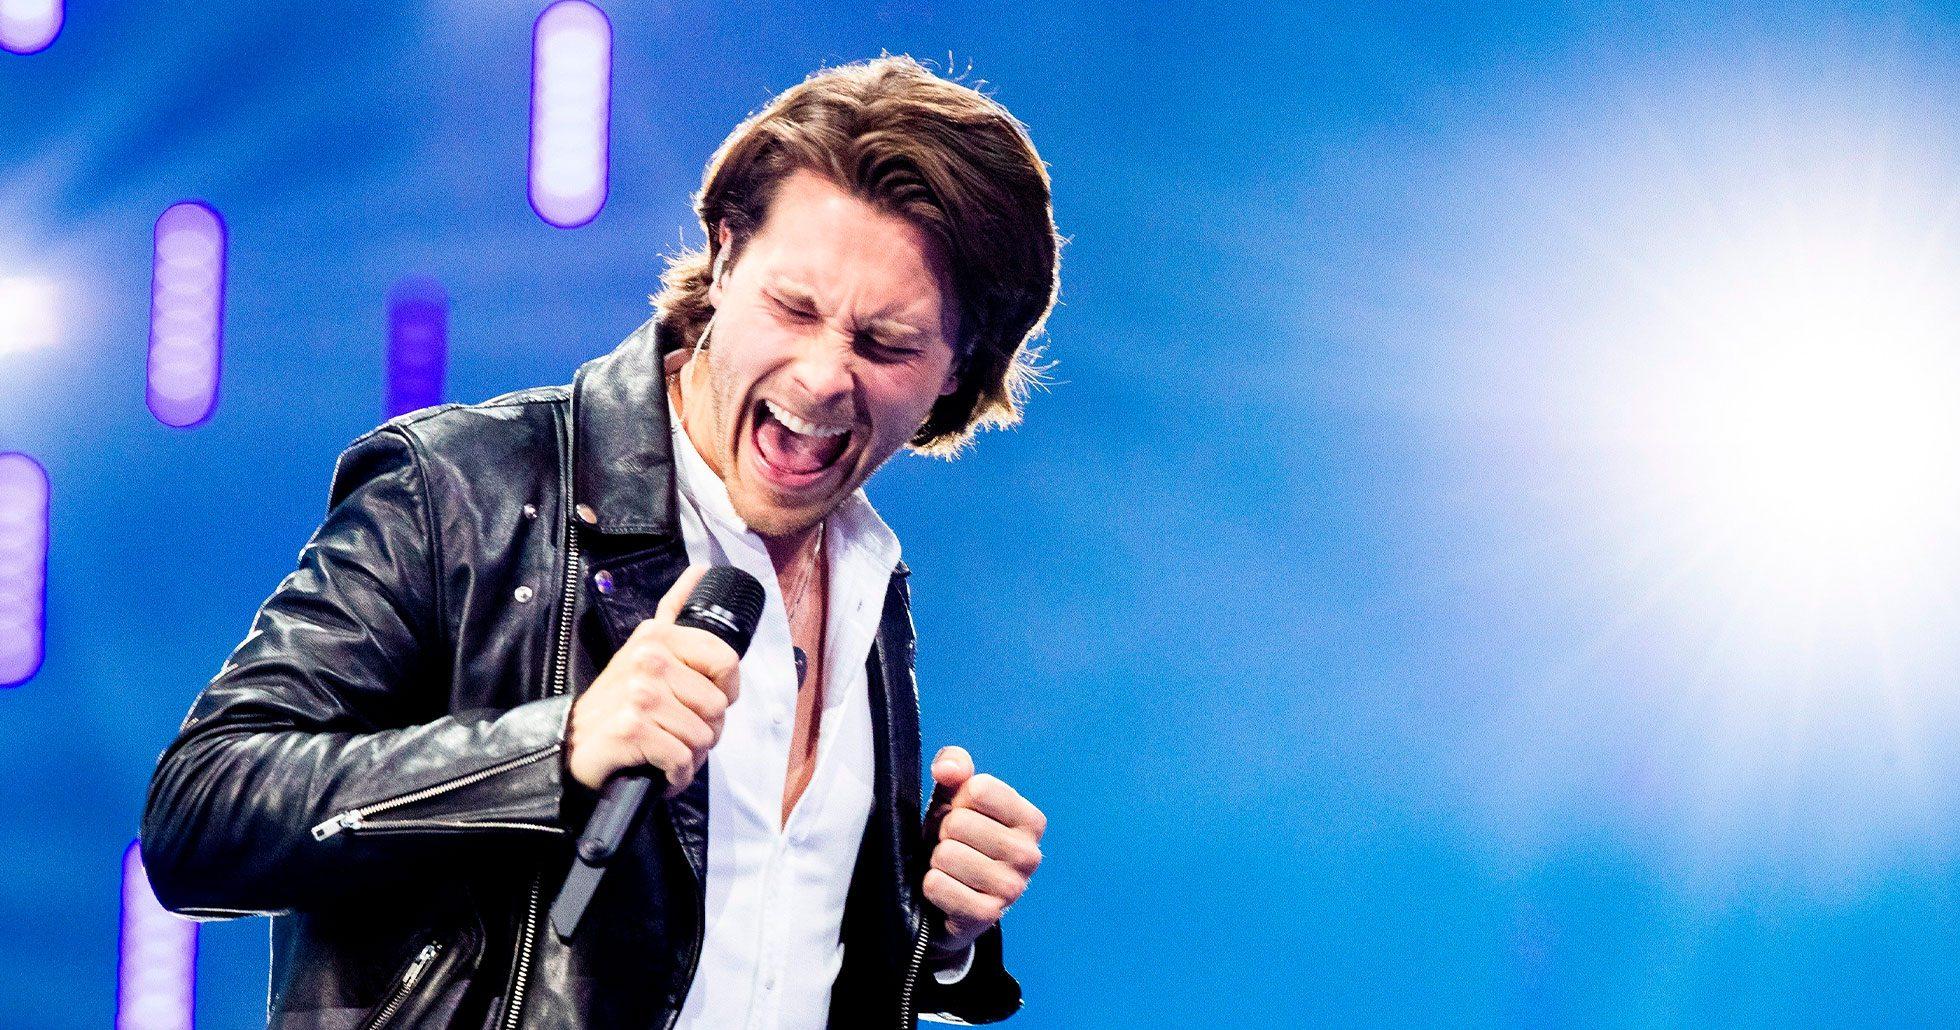 Estland och Victor Crone till final i Eurovision Song Contest 2019